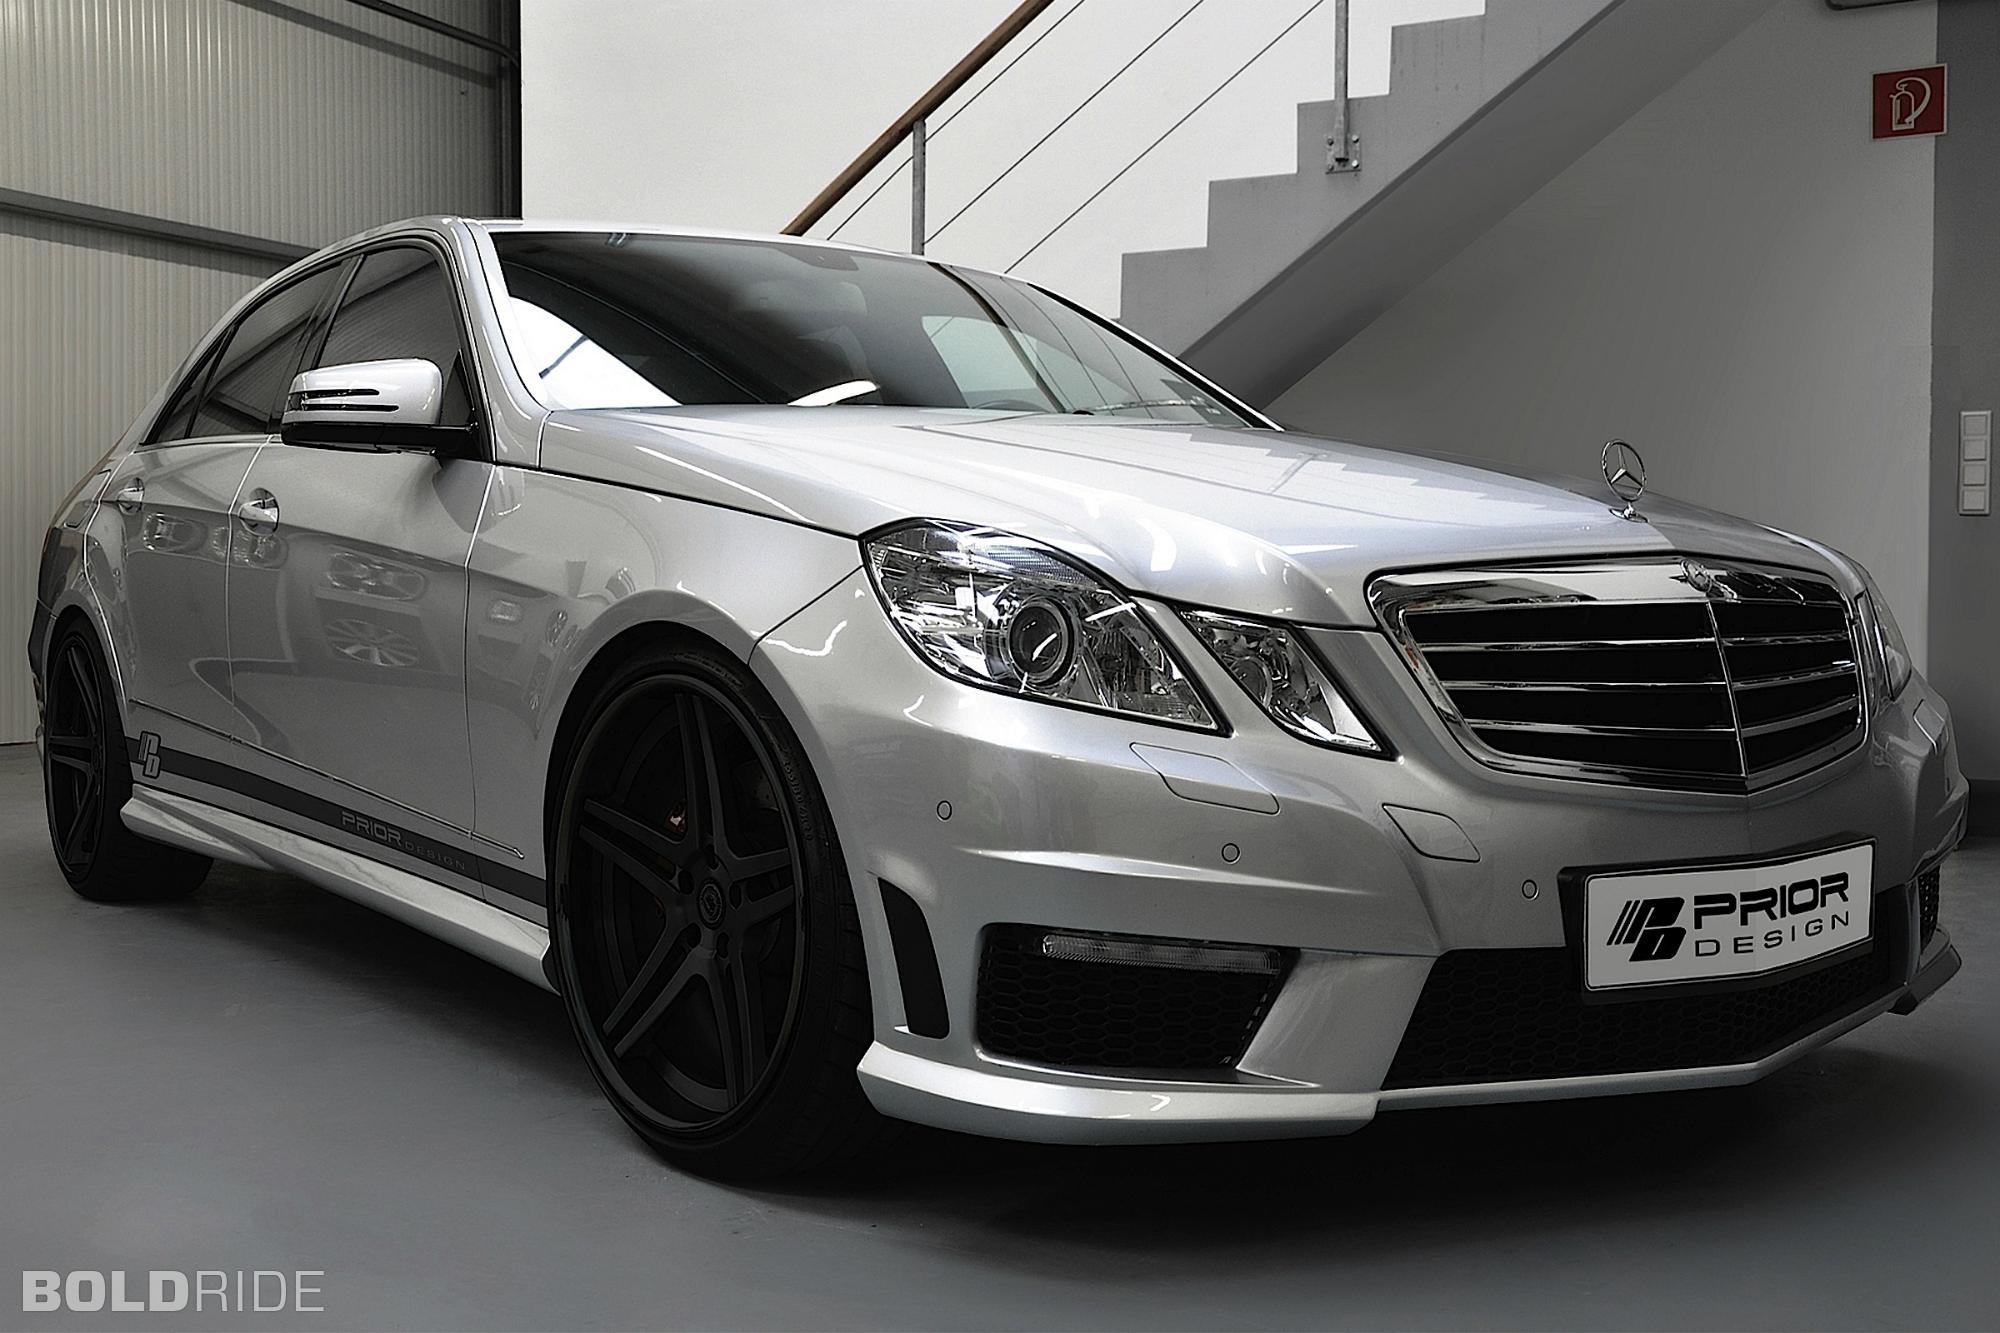 2000 mercedes benz e class image 11 for Mercedes benz 2000 e320